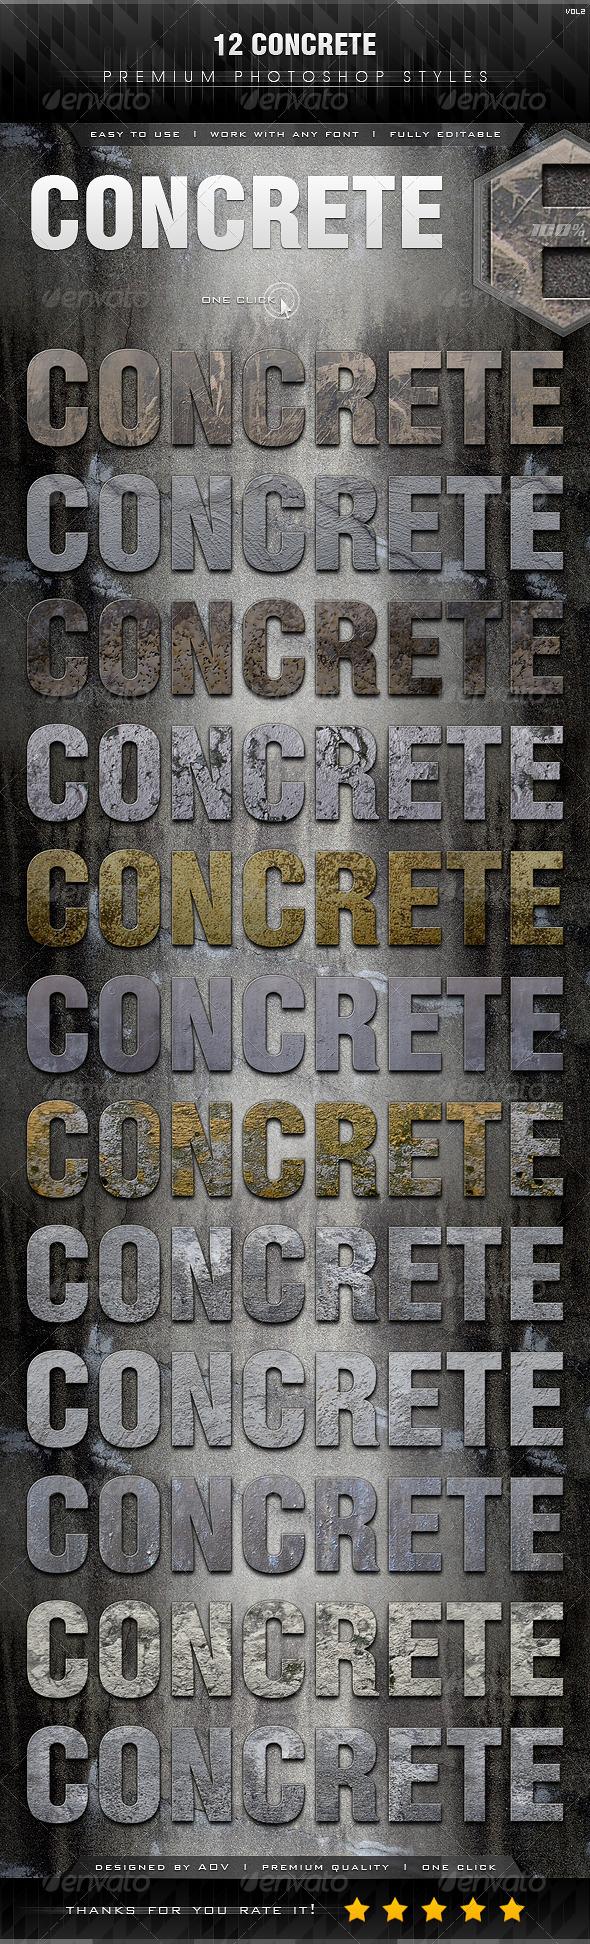 GraphicRiver 12 Concrete Styles Vol.2 7328446